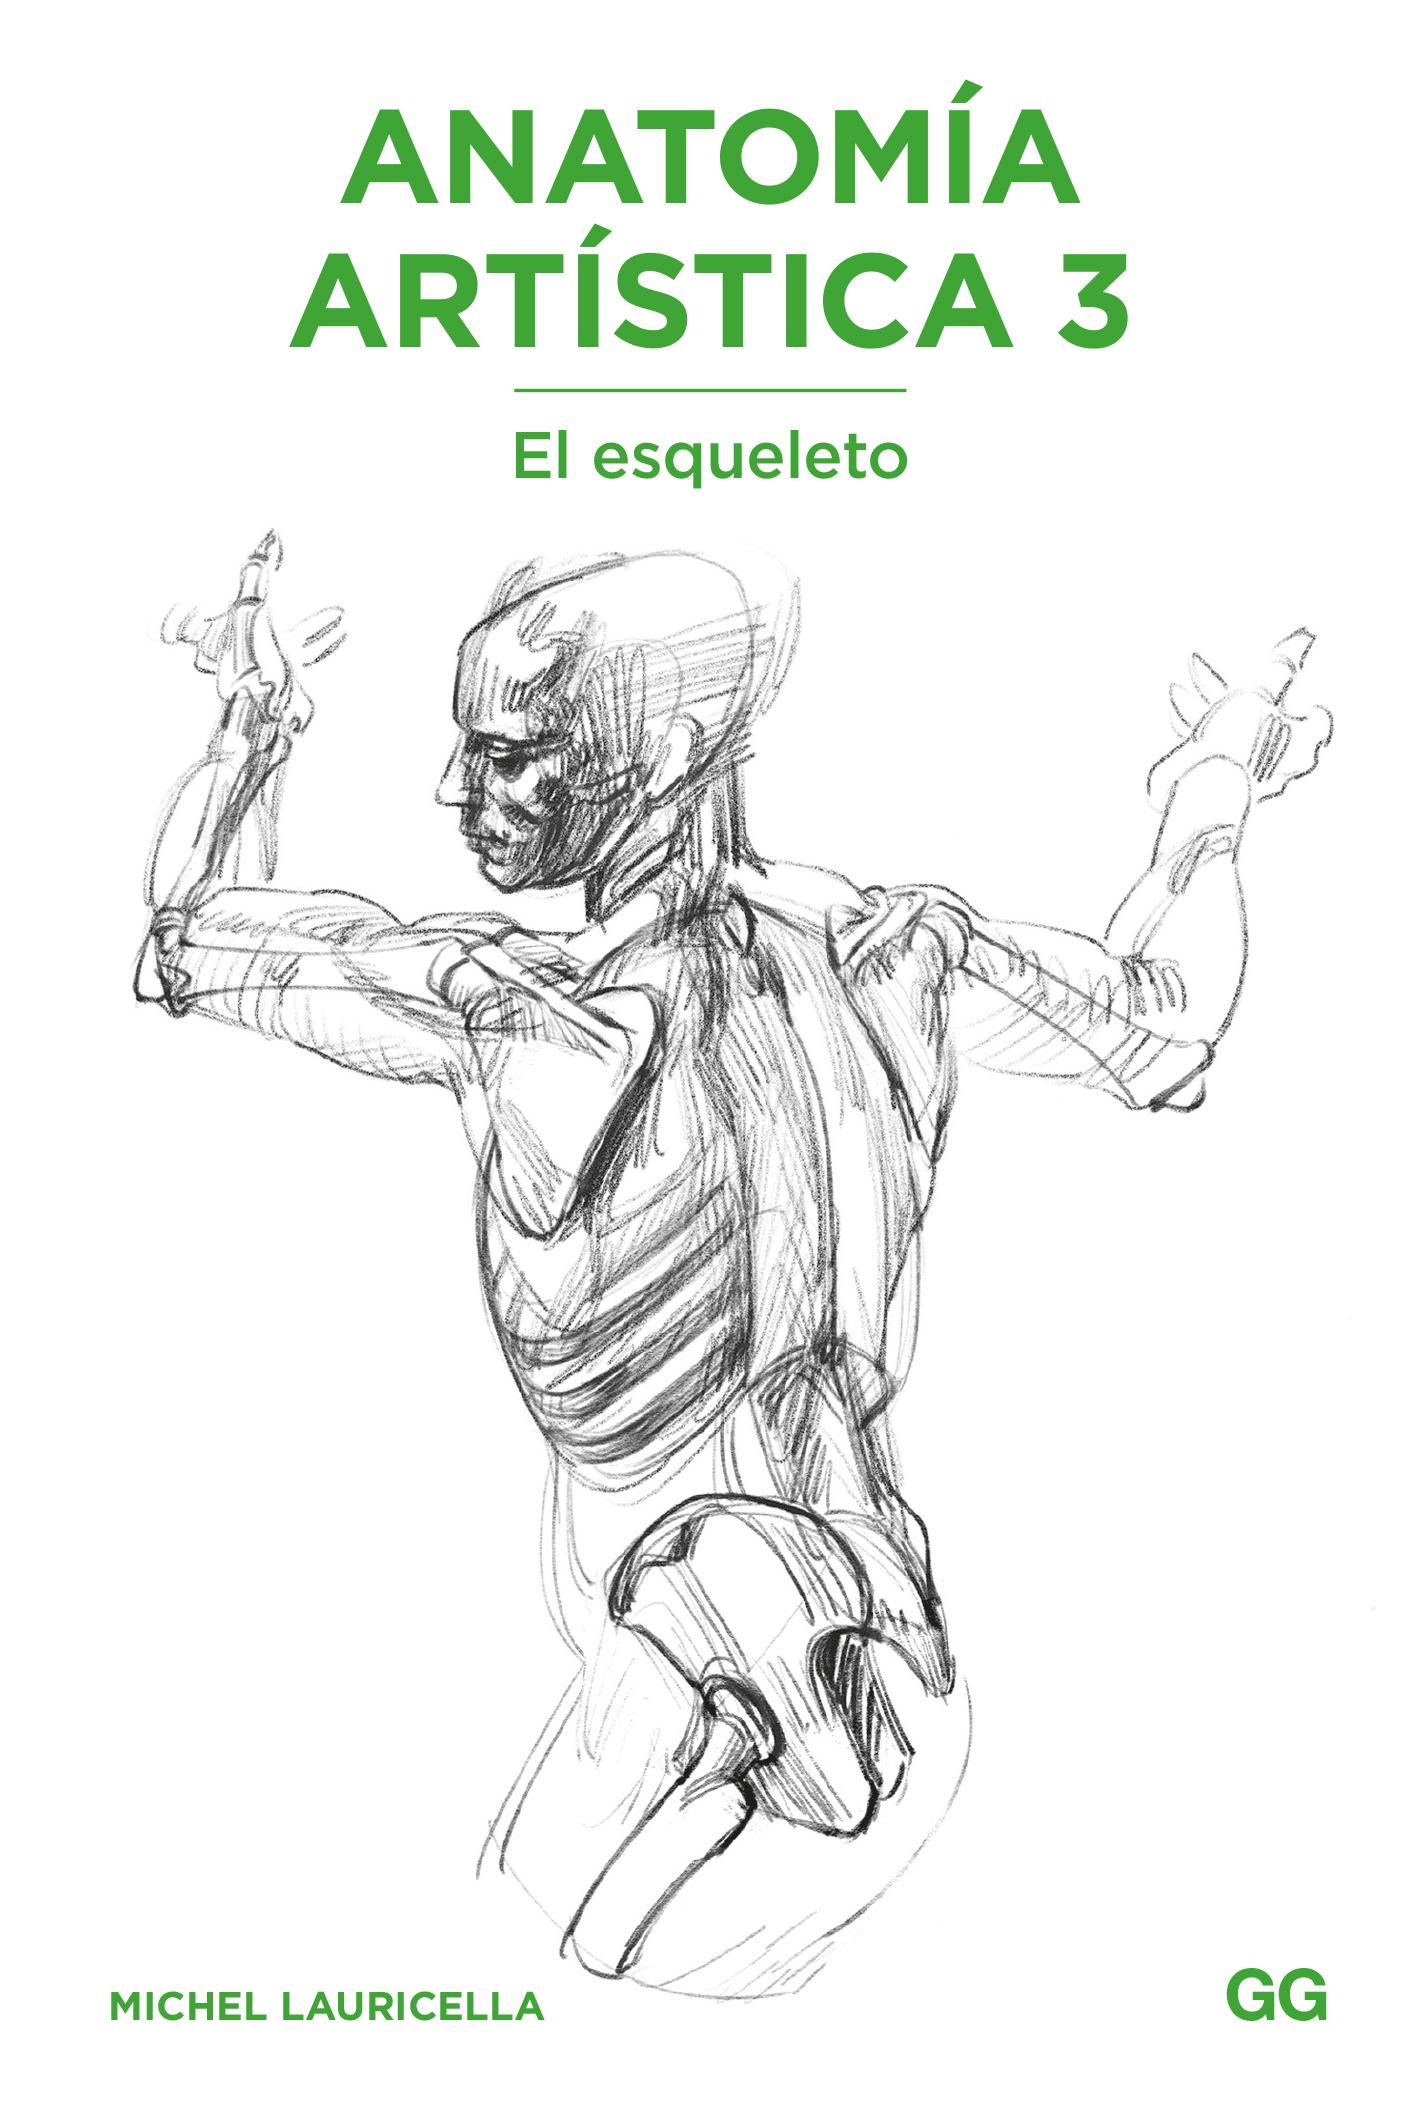 Anatomía artística 3 El esqueleto